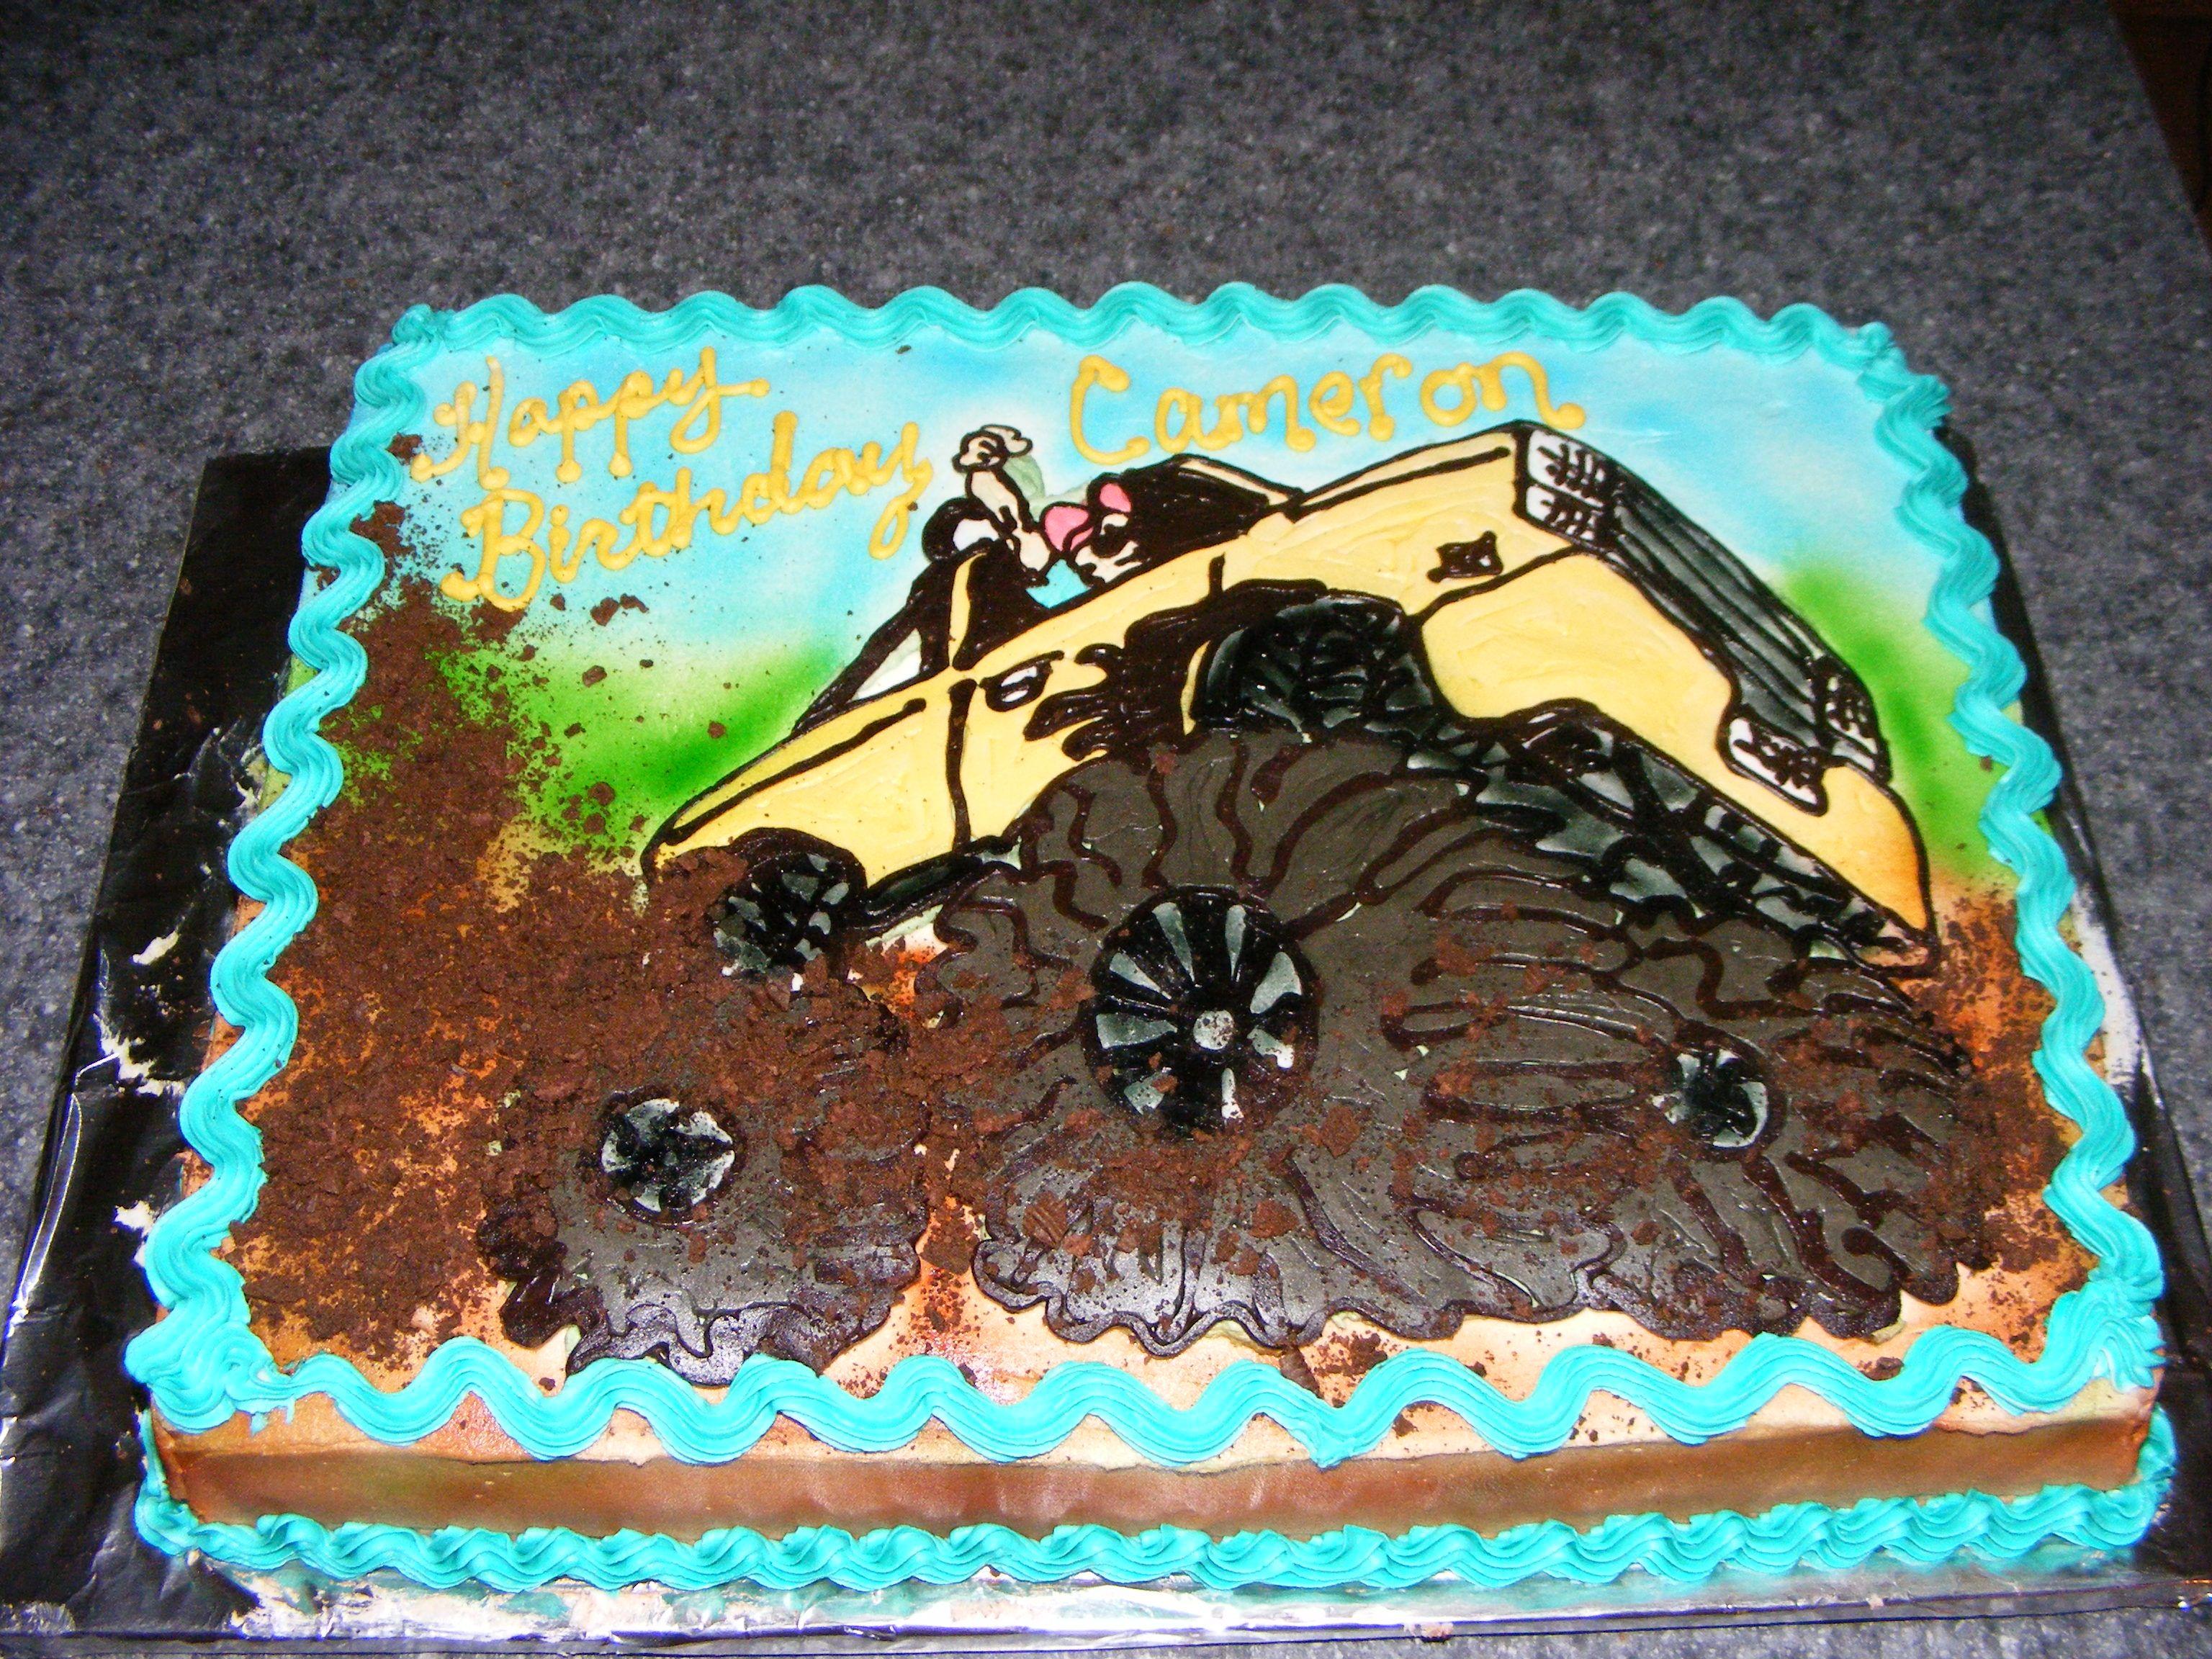 Miraculous Mudding Birthday Cake Mud Truck Childrens Birthday Cakes Funny Birthday Cards Online Aboleapandamsfinfo